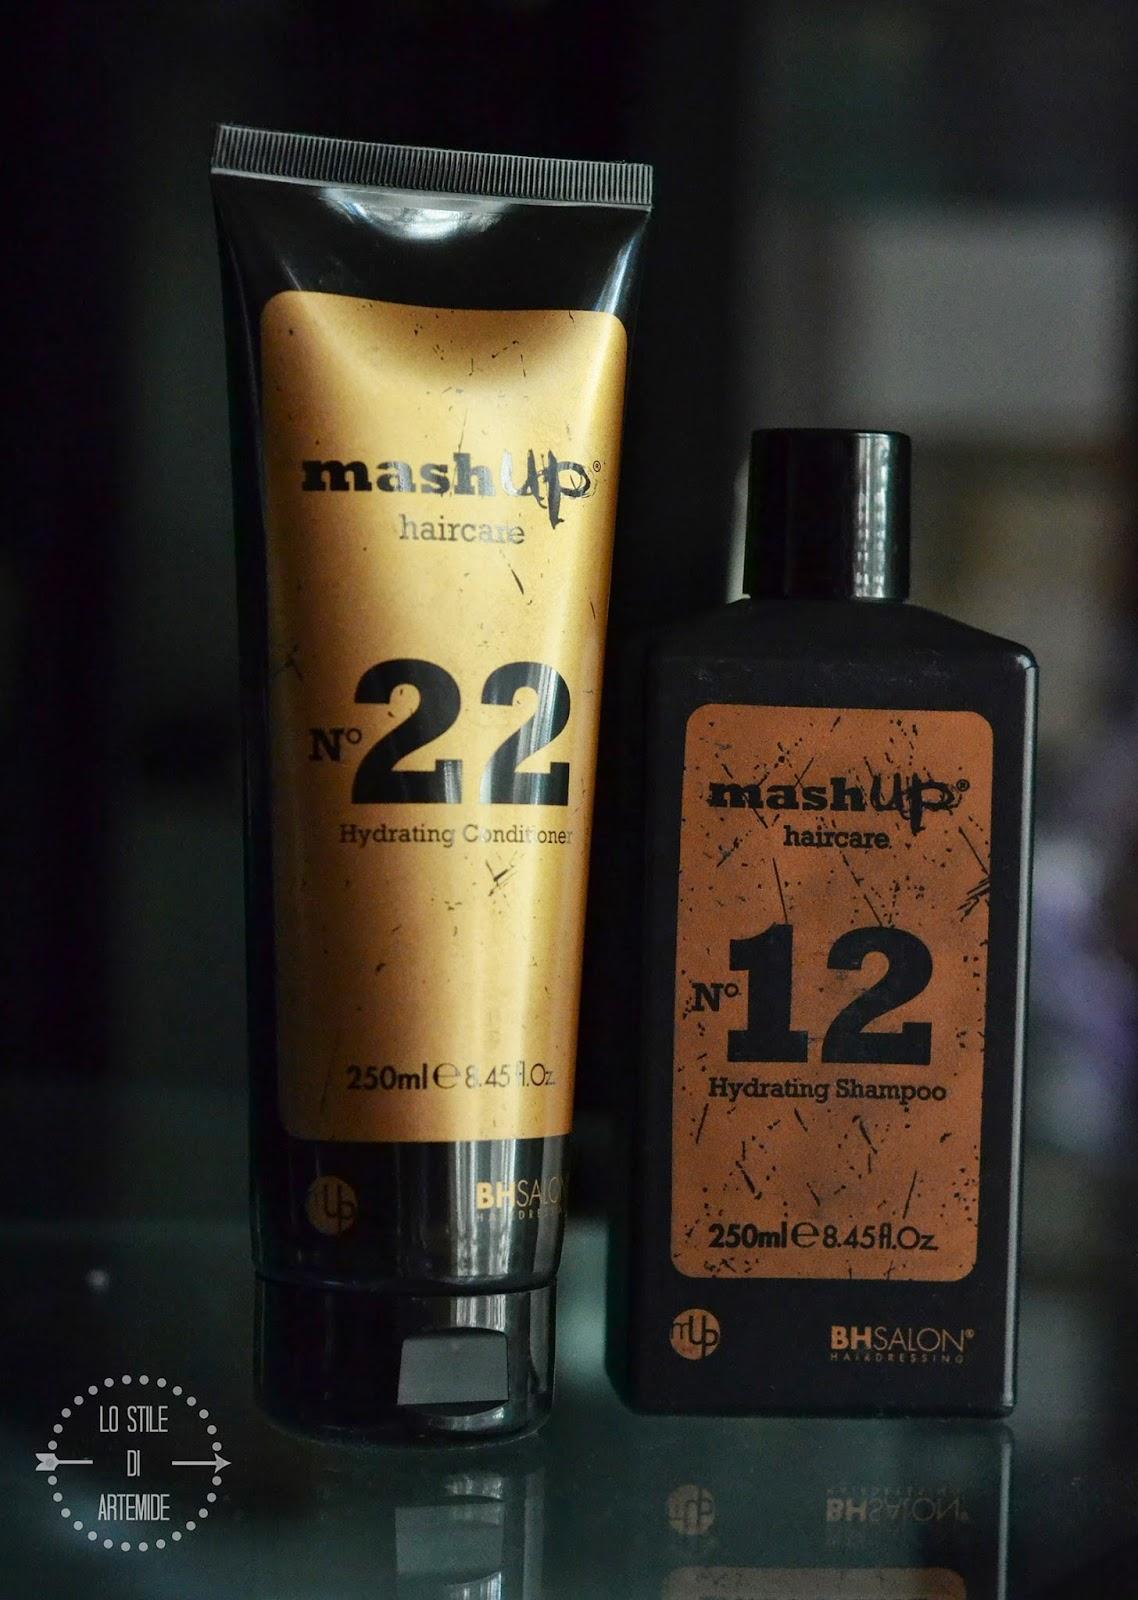 shampoo mashup hair care